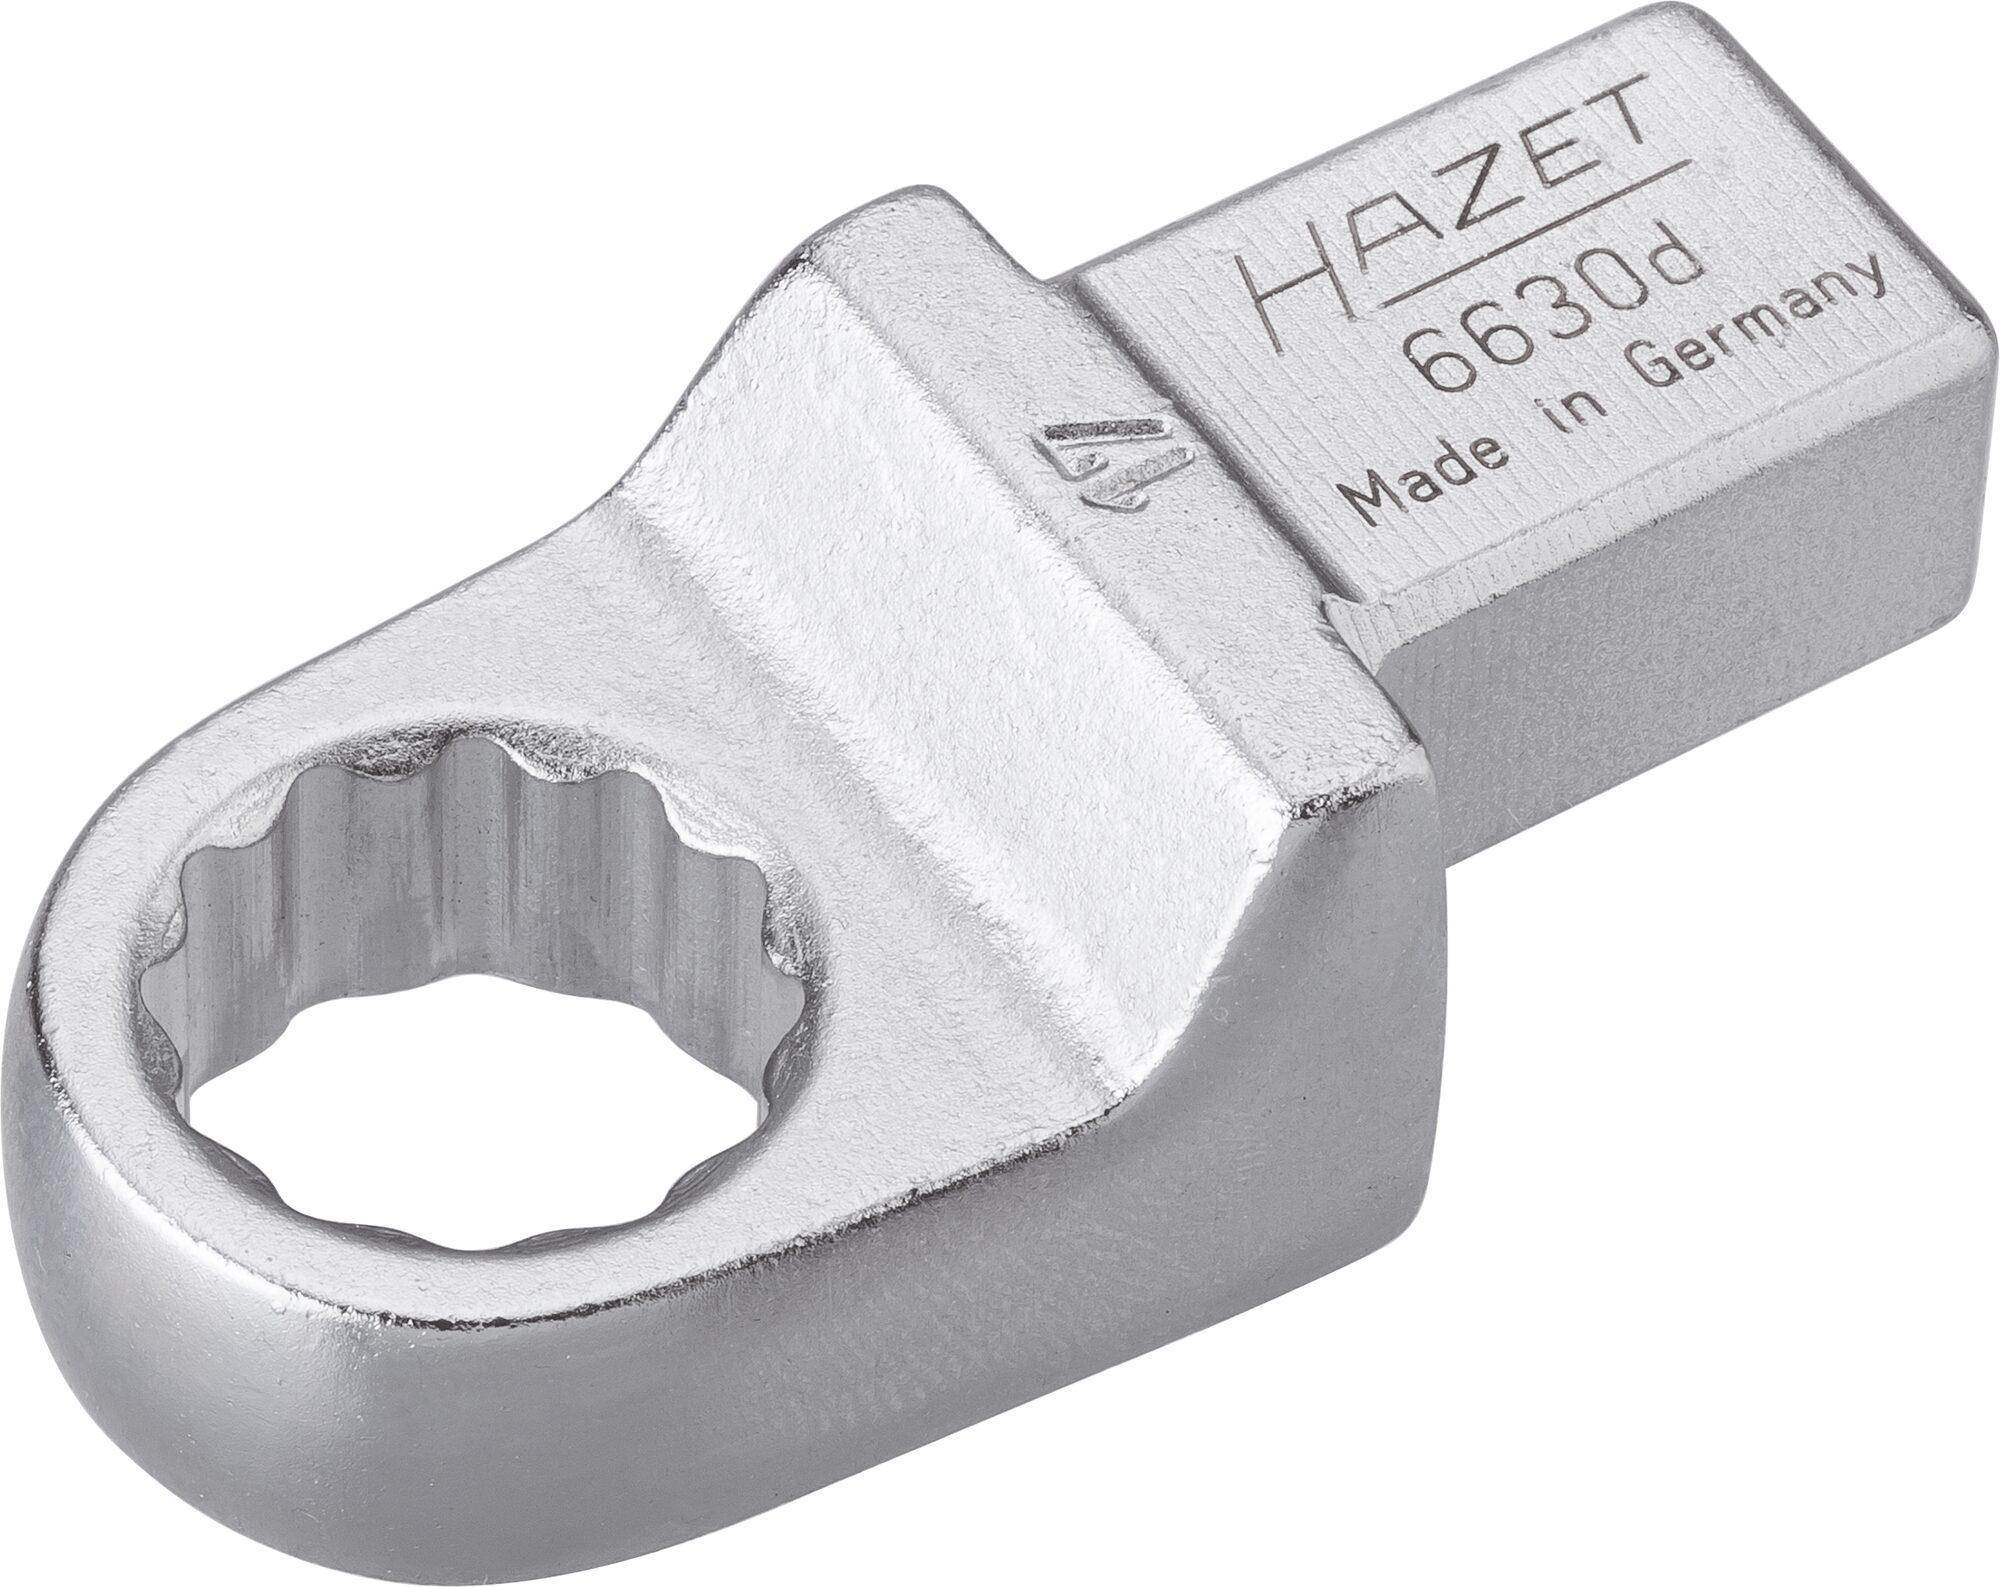 HAZET Einsteck-Ringschlüssel 6630D-17 ∙ Einsteck-Vierkant 14 x 18 mm ∙ Außen-Doppel-Sechskant-Tractionsprofil ∙ 17 mm